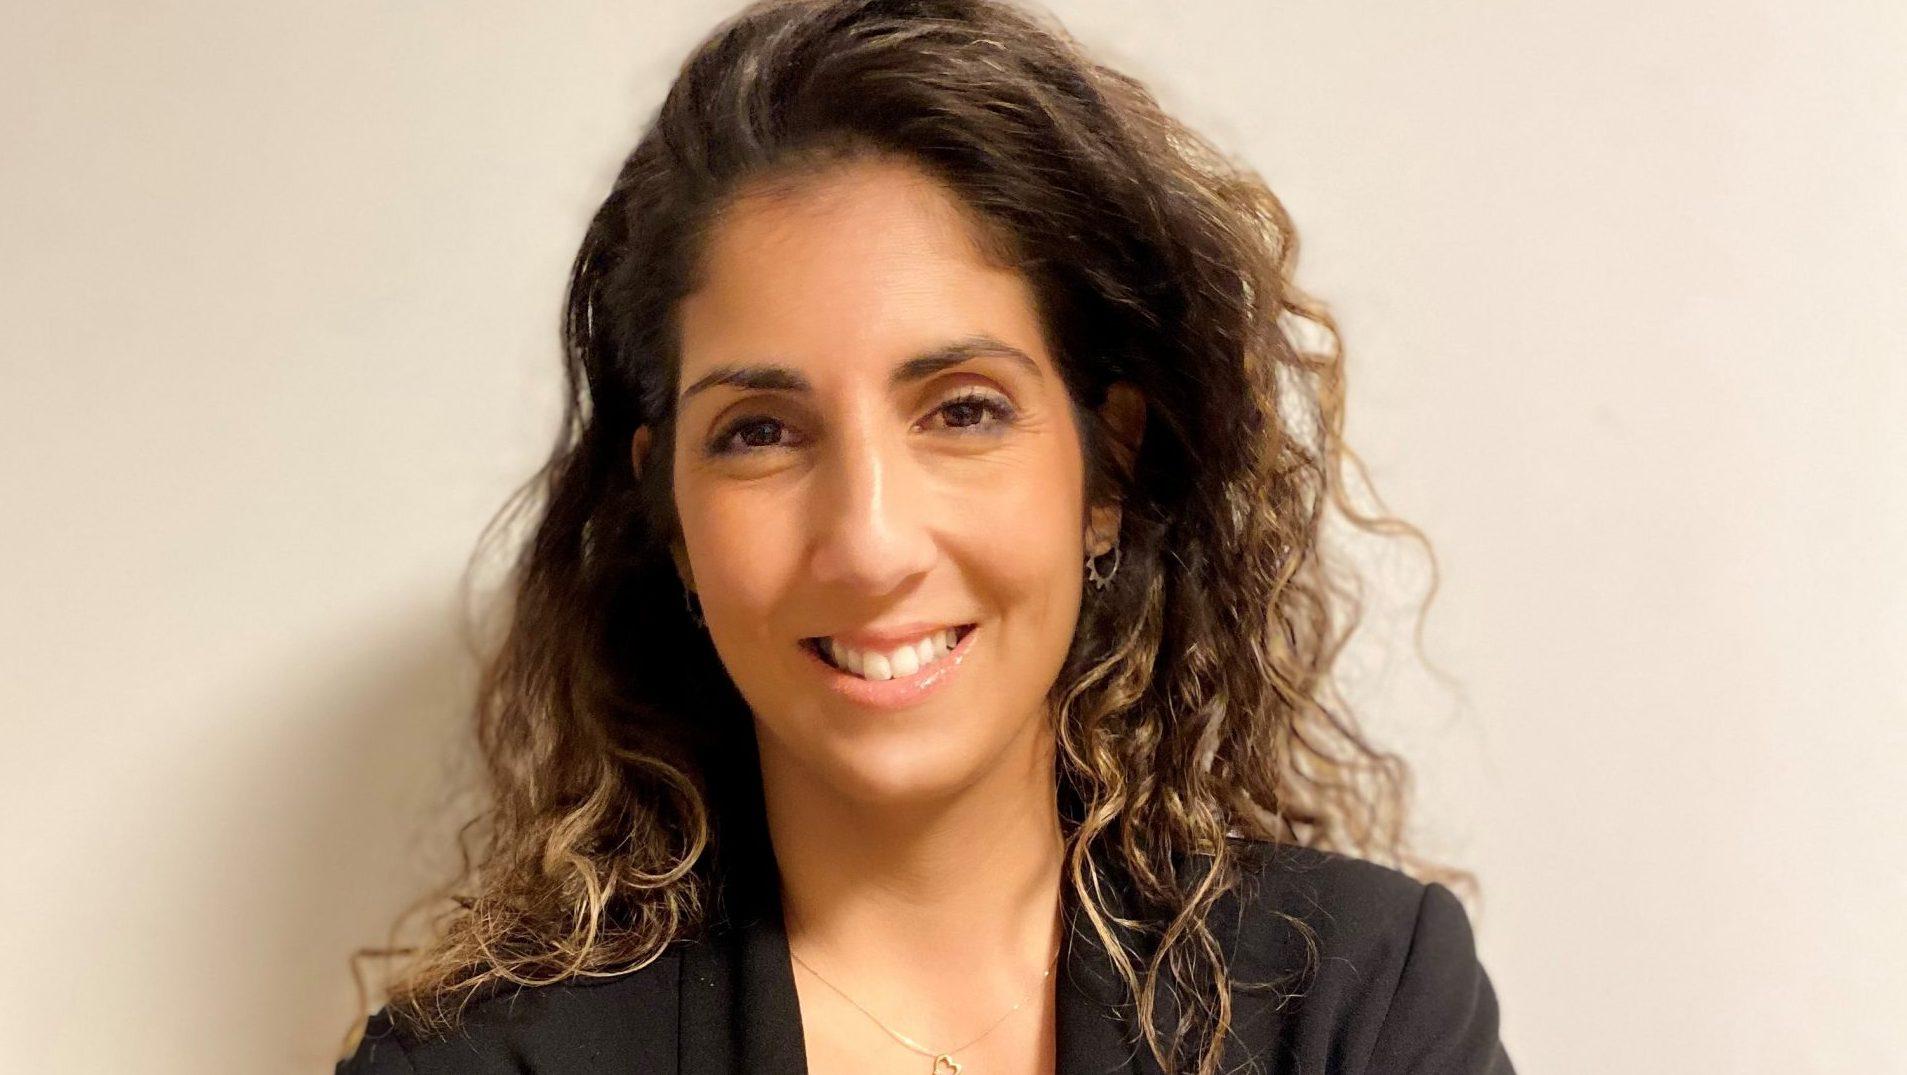 ג'ואנה ויסמן מונתה למנהלת תחום מערך האשראי הלא סחיר באגף ההשקעות של מנורה מבטחים